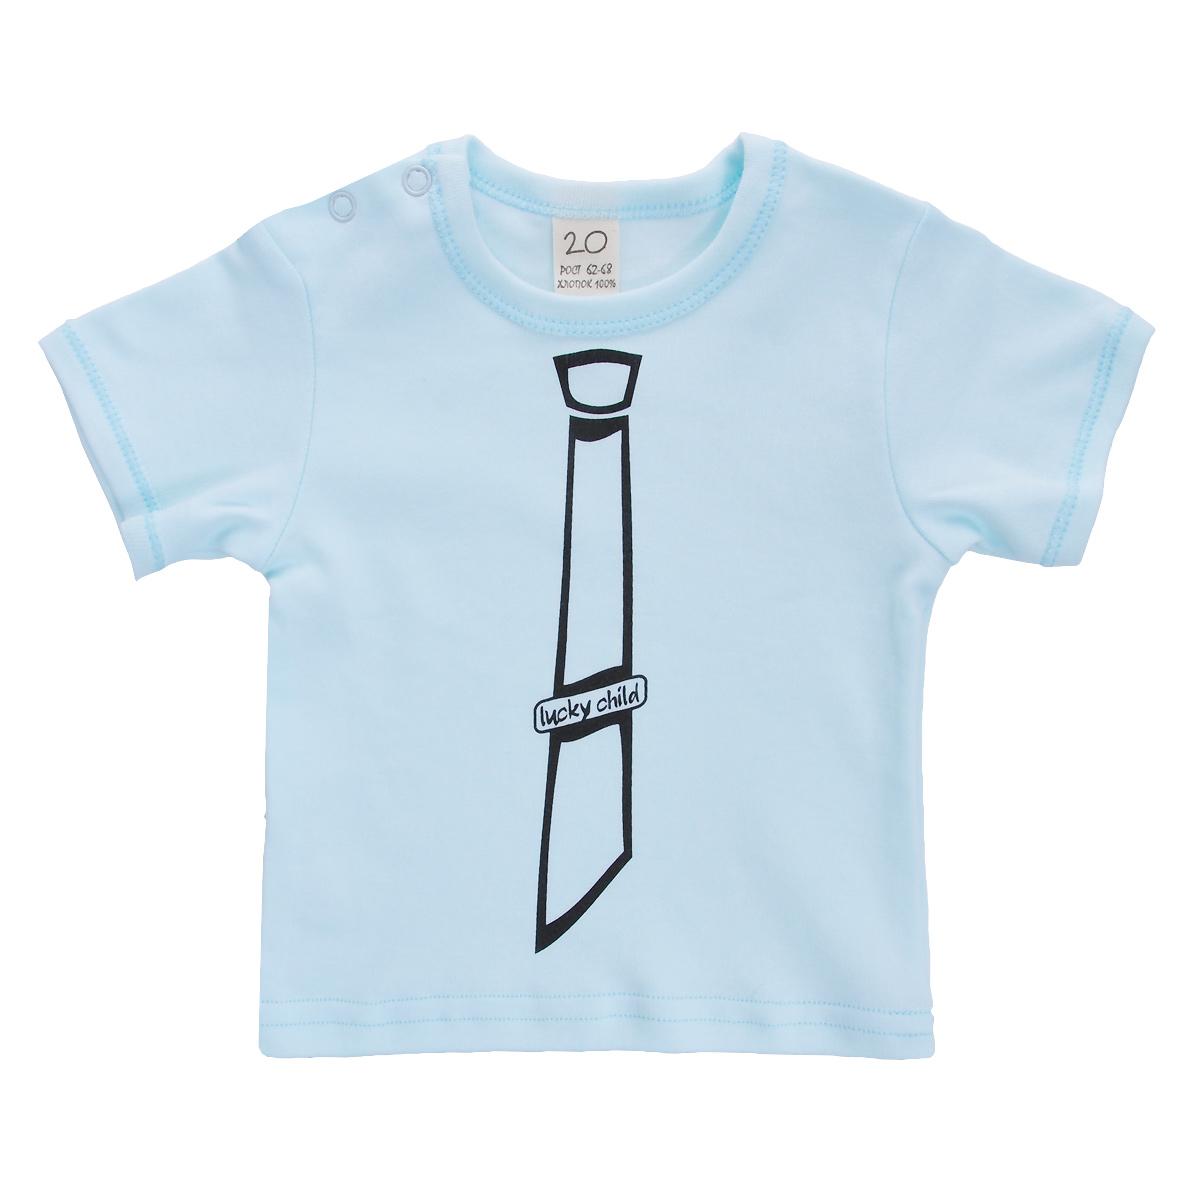 Футболка3-26кОчаровательная футболка для мальчика Lucky Child послужит идеальным дополнением к гардеробу вашего малыша, обеспечивая ему наибольший комфорт. Изготовленная из натурального хлопка, она необычайно мягкая и легкая, не раздражает нежную кожу ребенка и хорошо вентилируется, а эластичные швы приятны телу малыша и не препятствуют его движениям. Футболка с короткими рукавами и круглым врезом горловины имеет кнопки по плечу, которые позволяют без труда переодеть ребенка. На груди она оформлена оригинальным печатным рисунком в виде галстука. Футболка полностью соответствует особенностям жизни ребенка в ранний период, не стесняя и не ограничивая его в движениях.